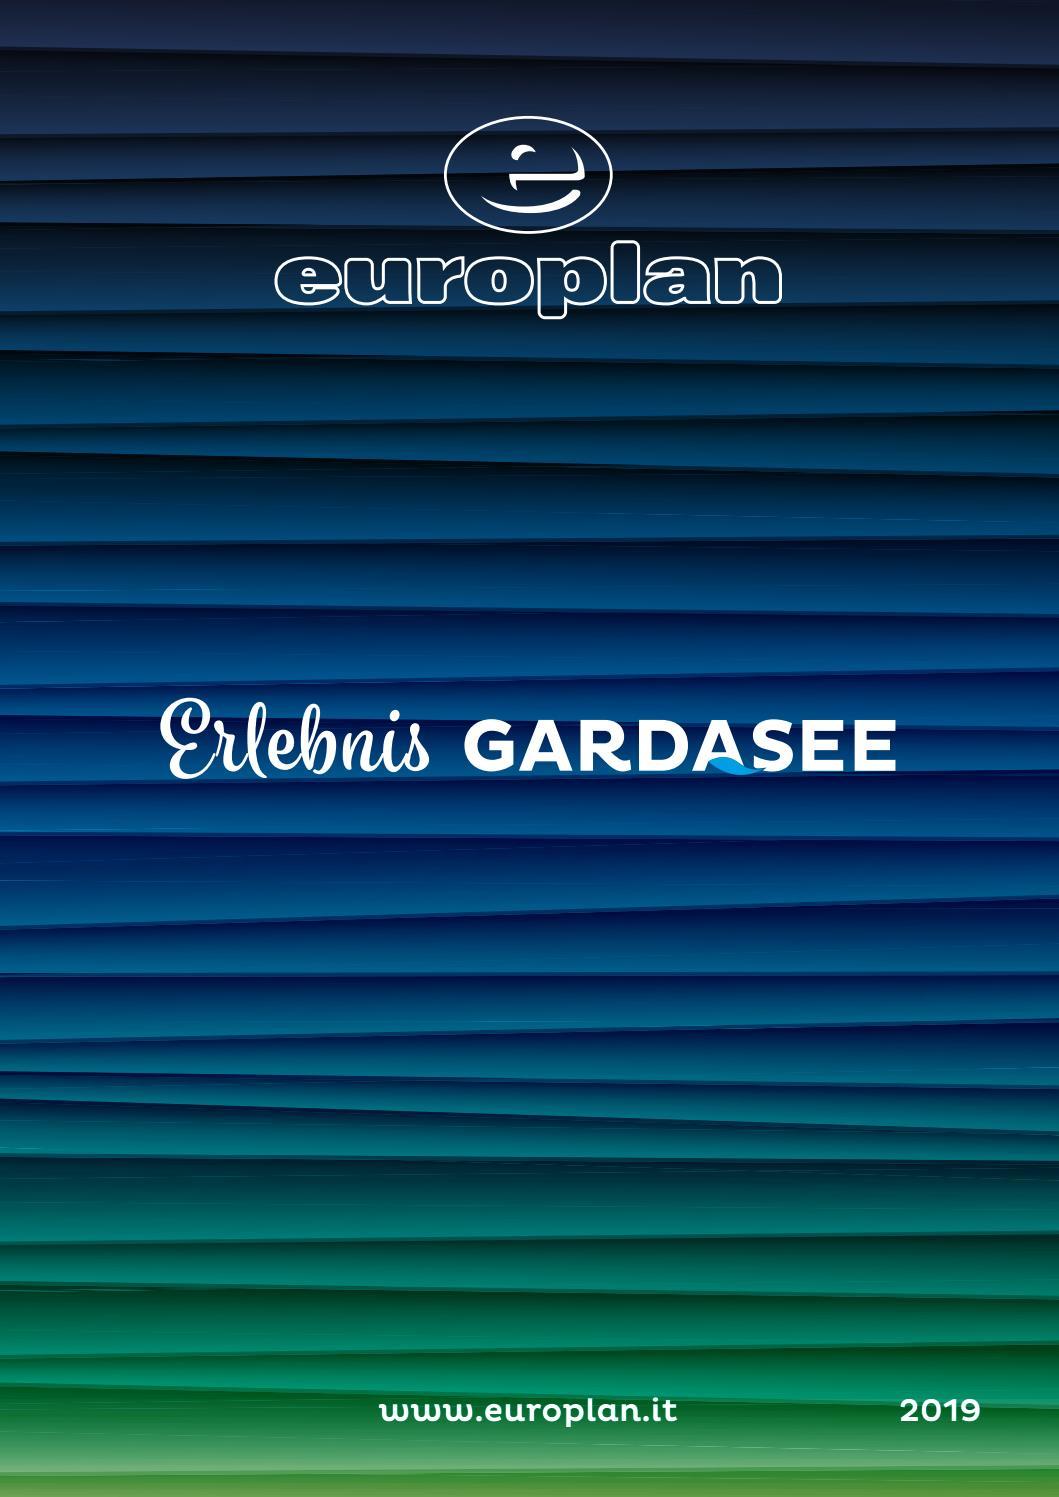 Europlan Erlebnis Gardasee 2019 by Europlan issuu